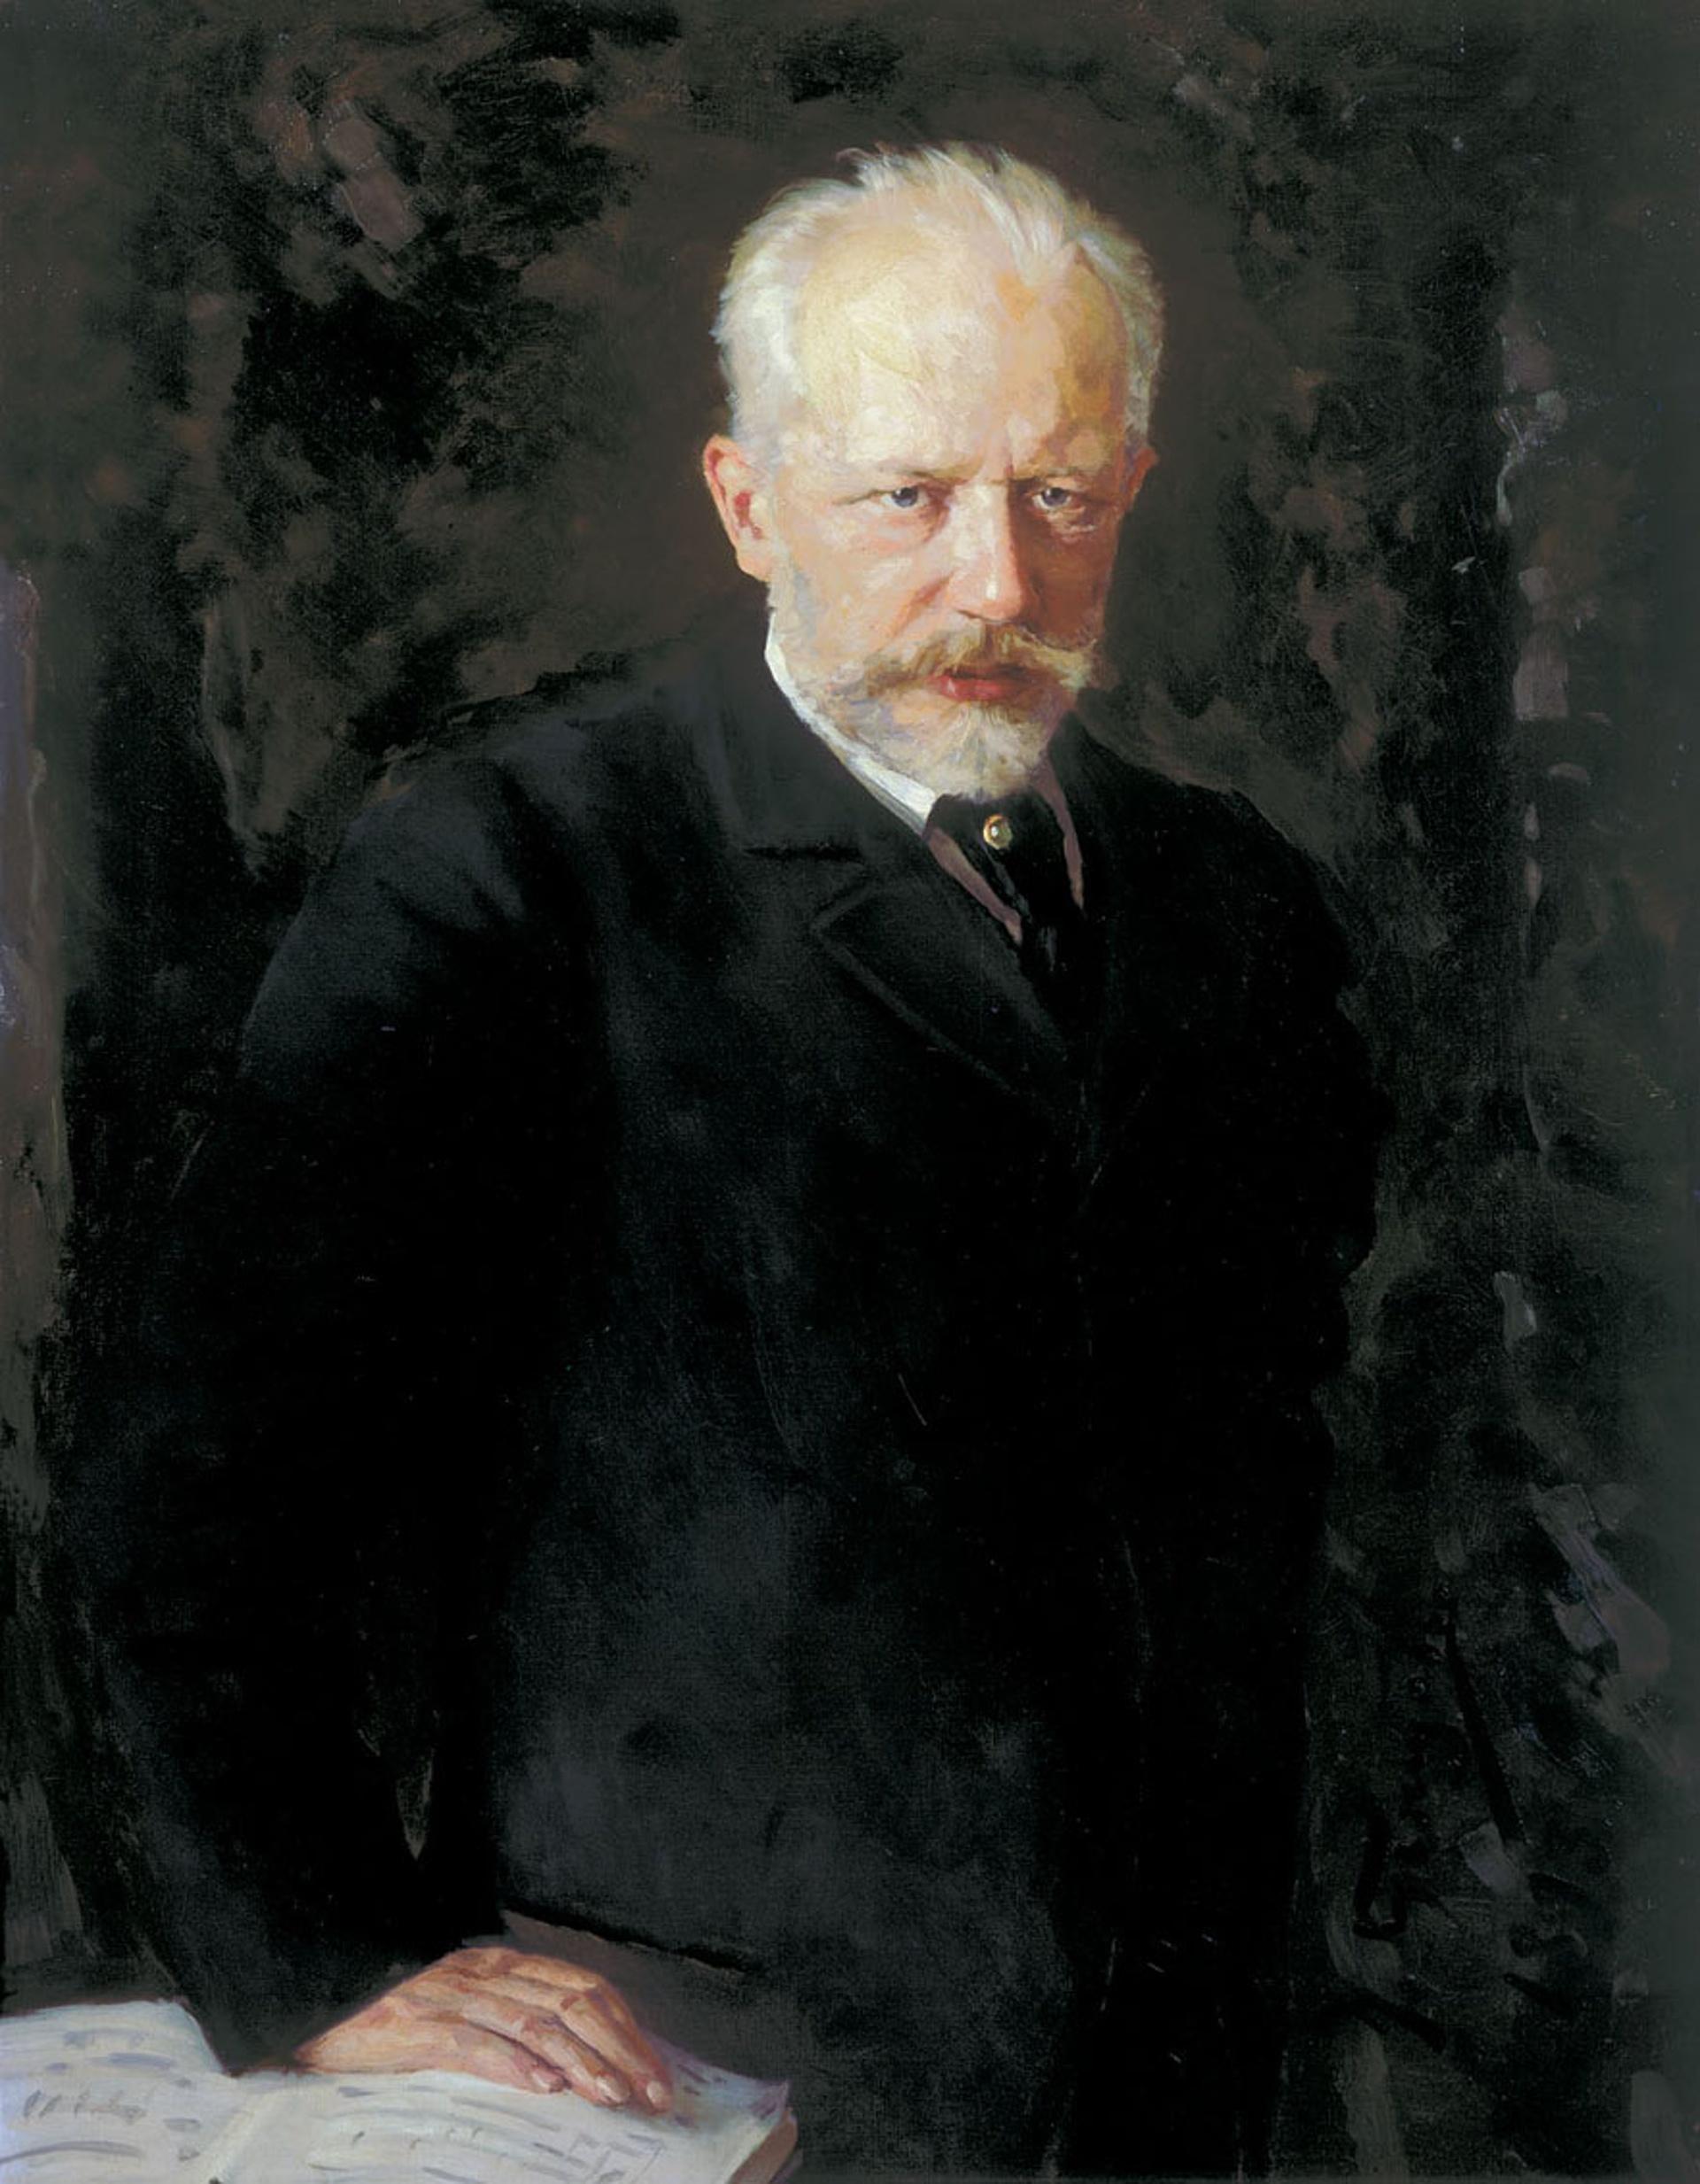 https://commons.wikimedia.org/wiki/File%3APortr%C3%A4t_des_Komponisten_Pjotr_I._Tschaikowski_(1840-1893).jpg